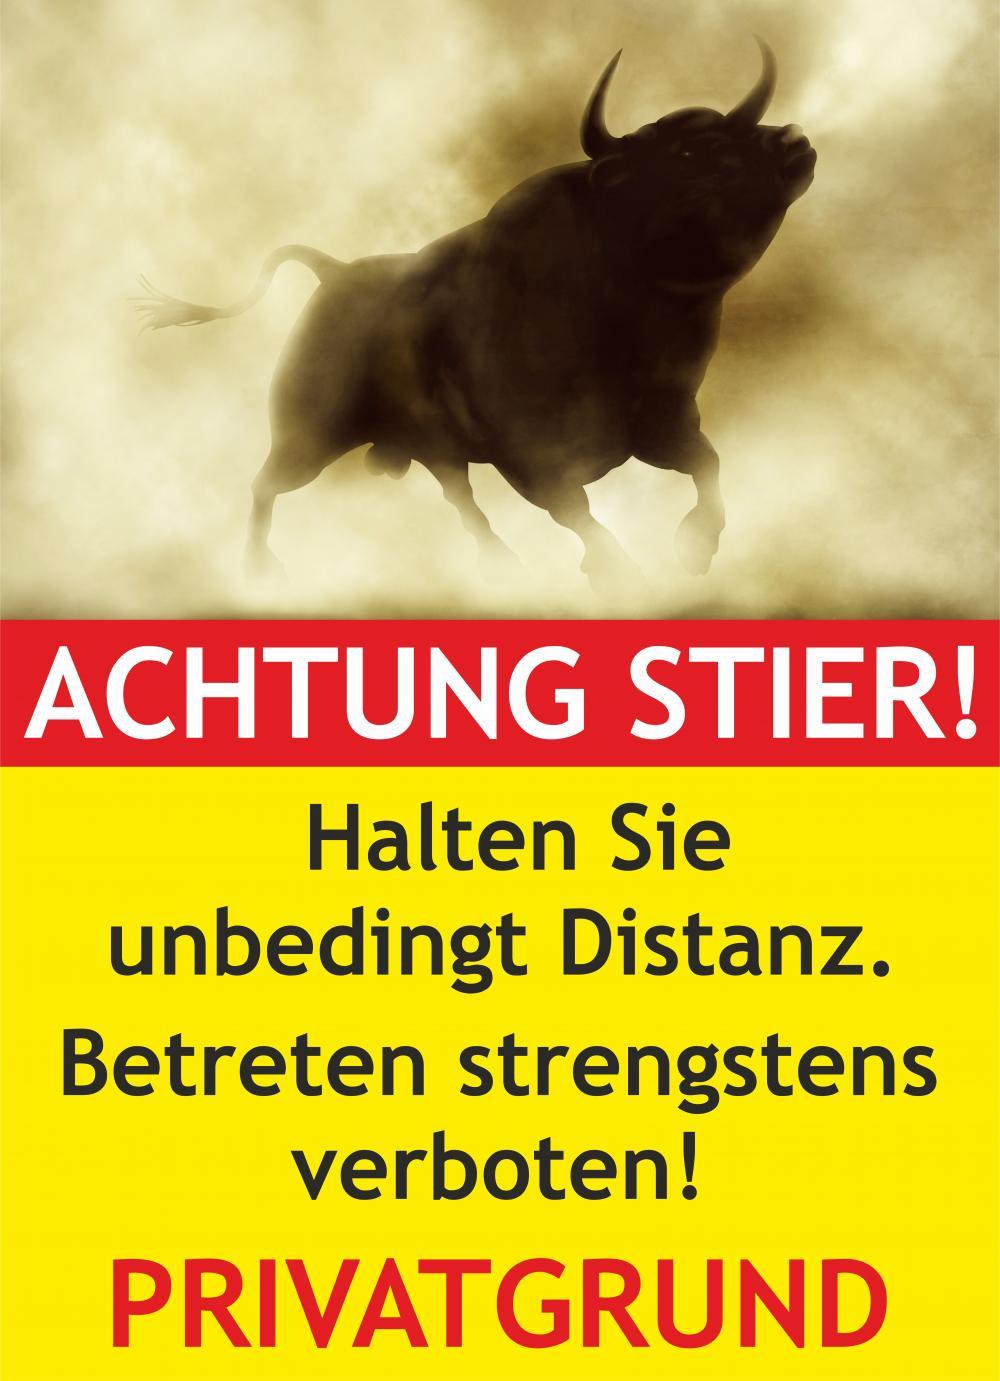 Achtung Stier! Privatgrund